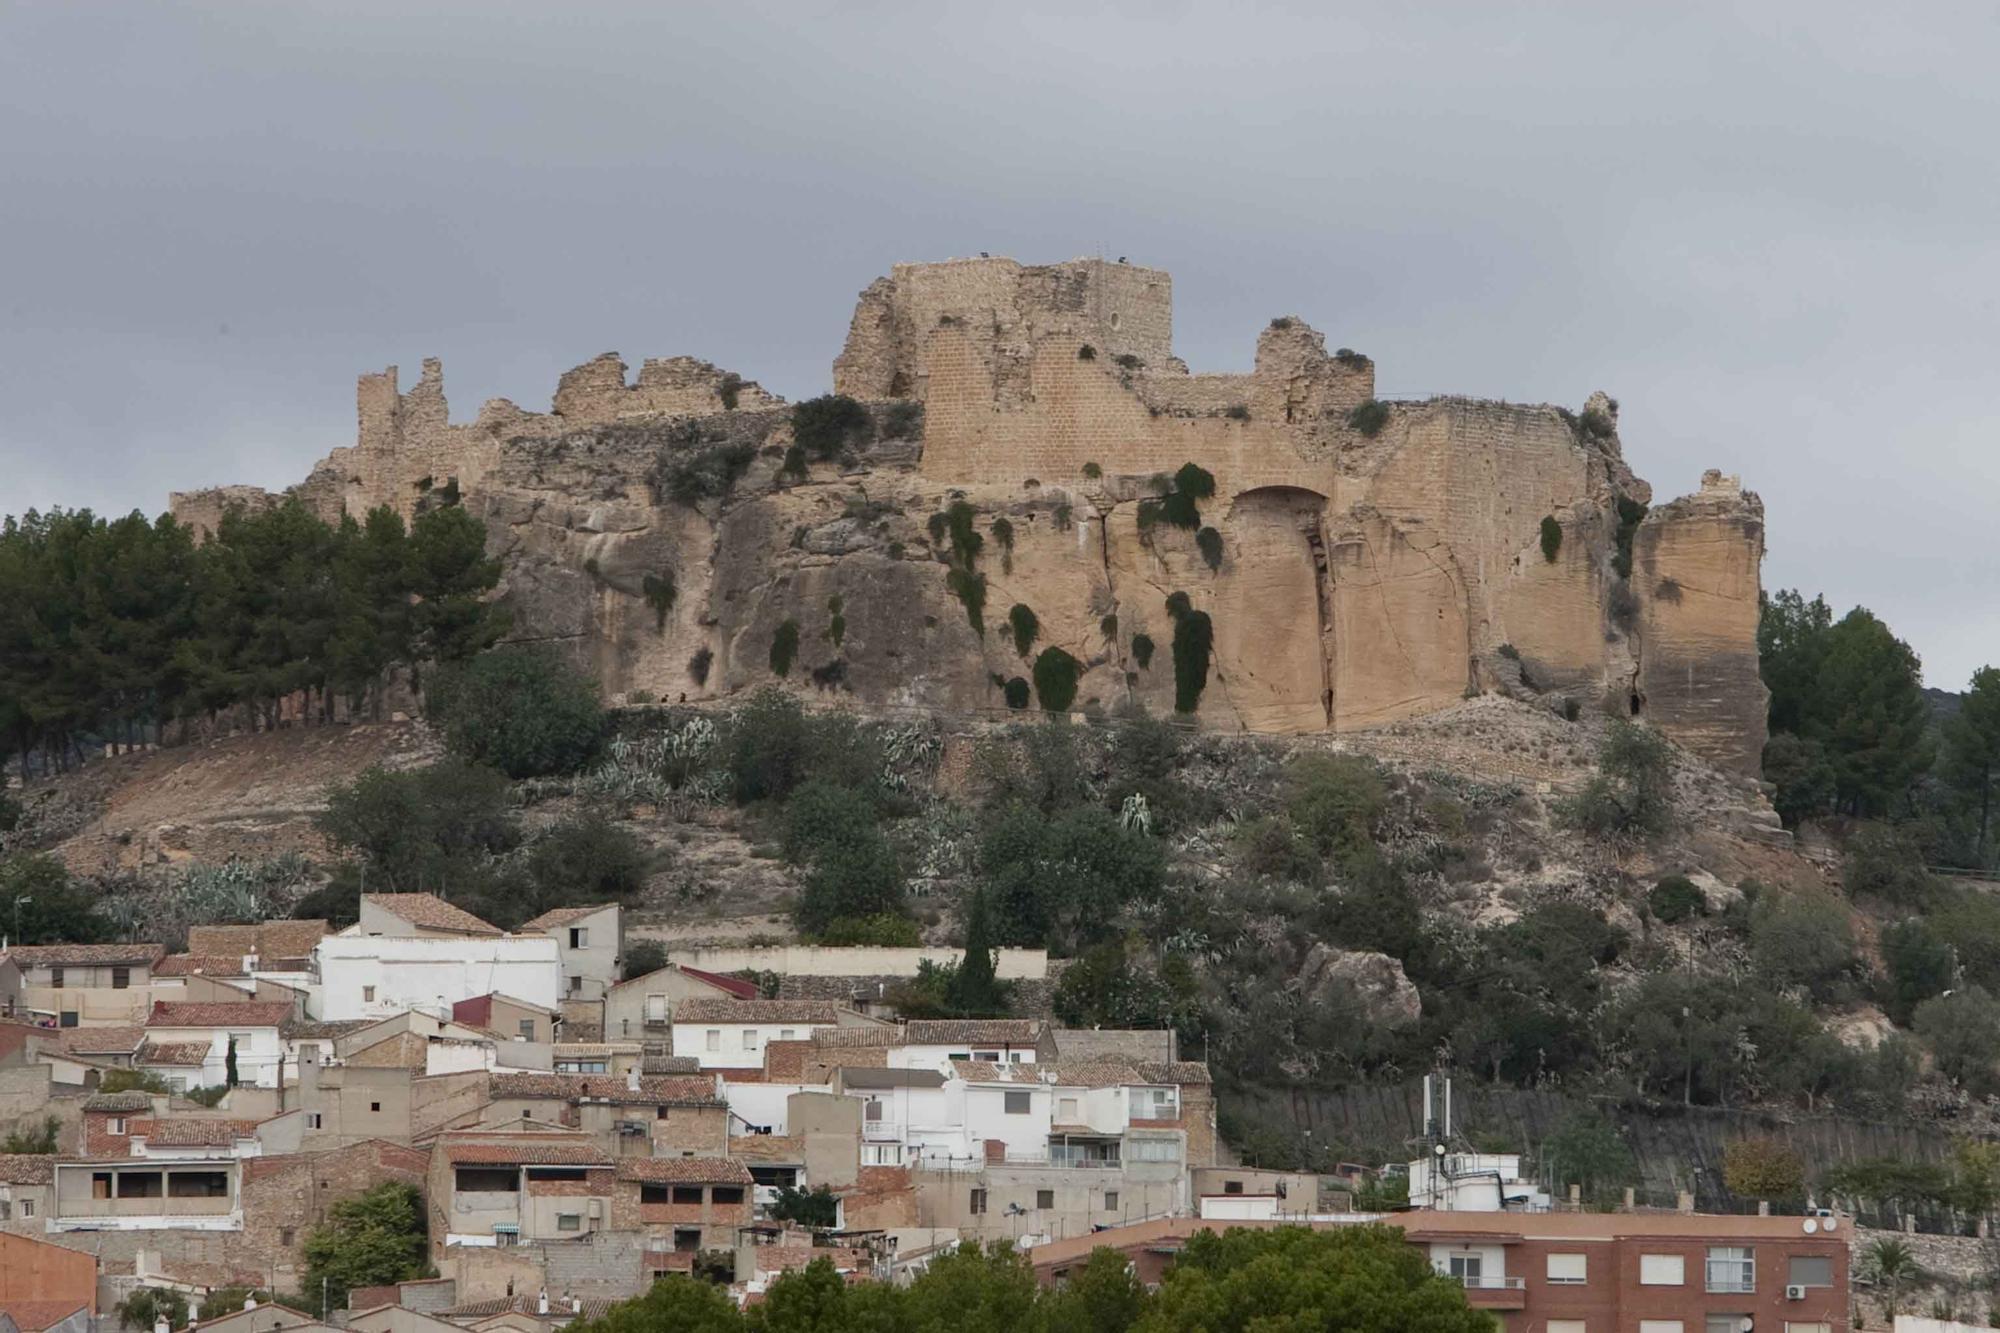 Castillo de Montesa11.jpg